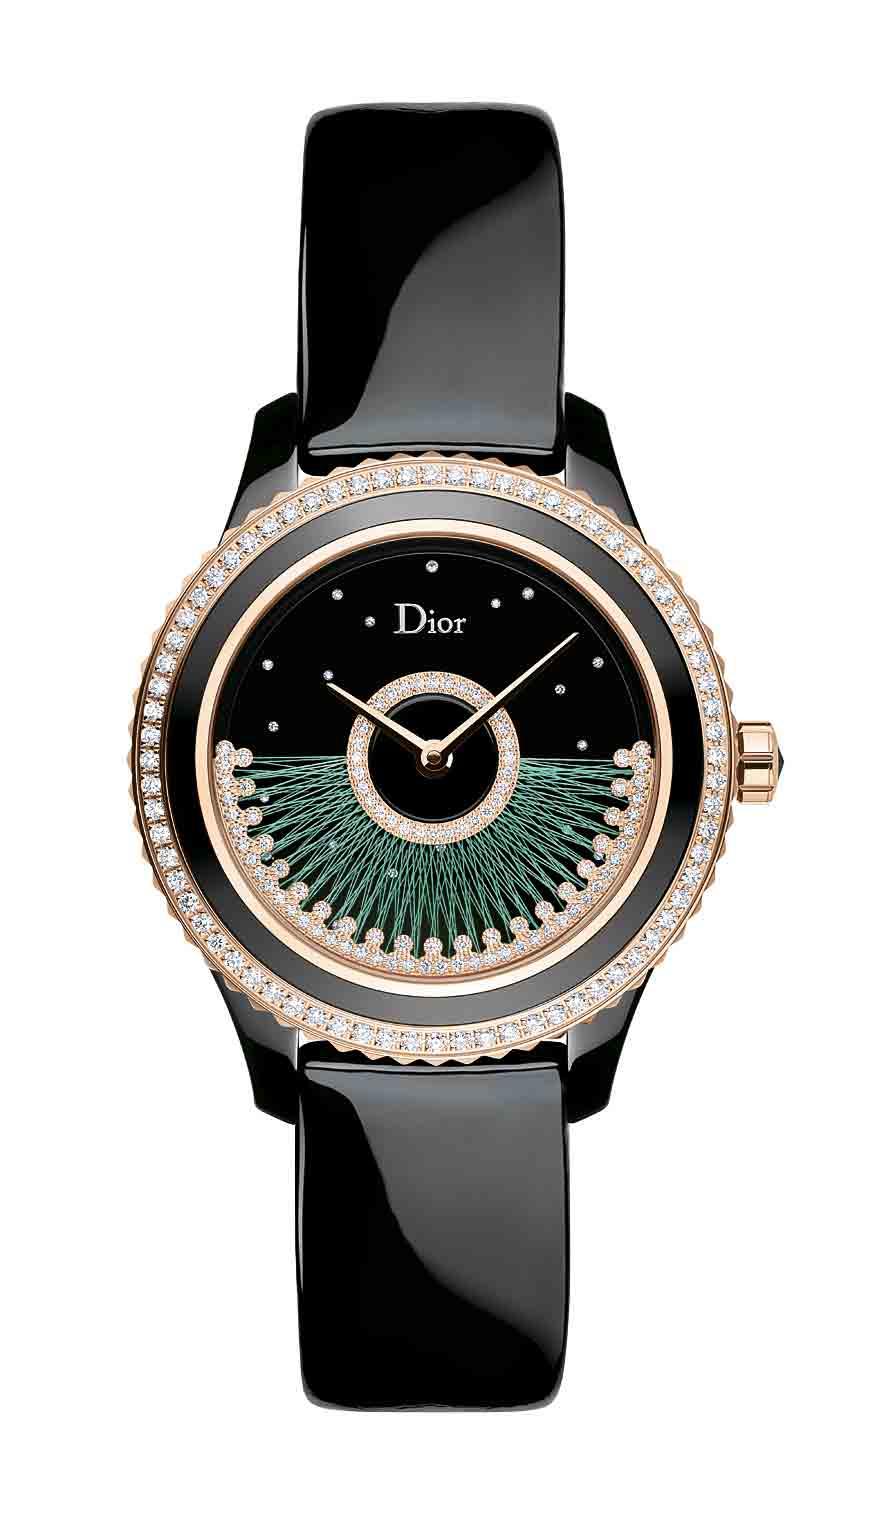 e07f43ca5c3ef DIOR تناقض جميل - عالم الساعات و المجوهرات